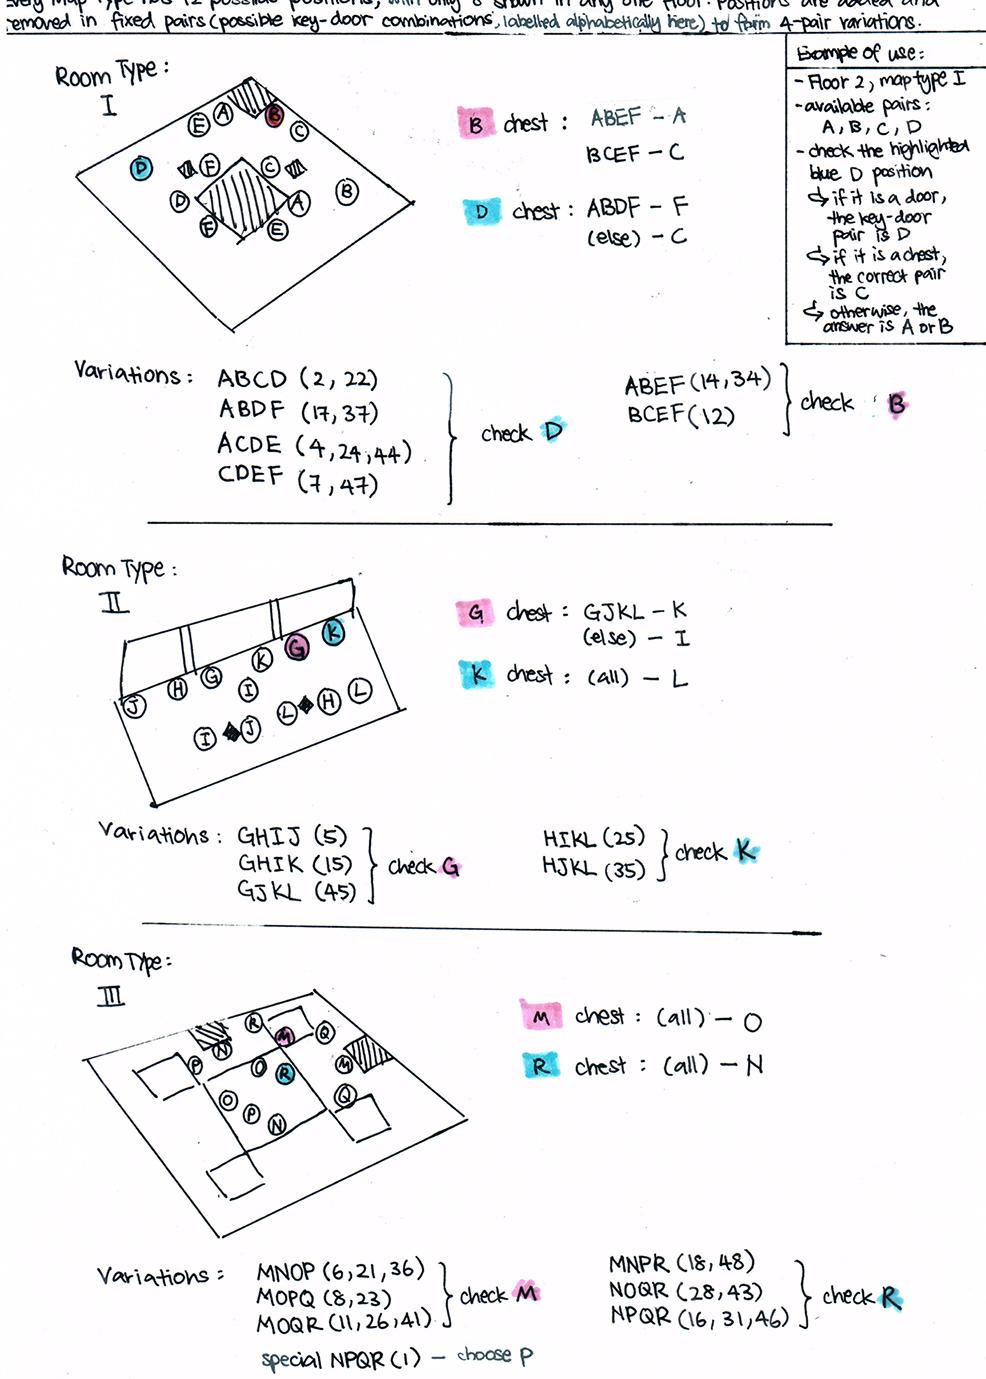 HoT Floor Patterns